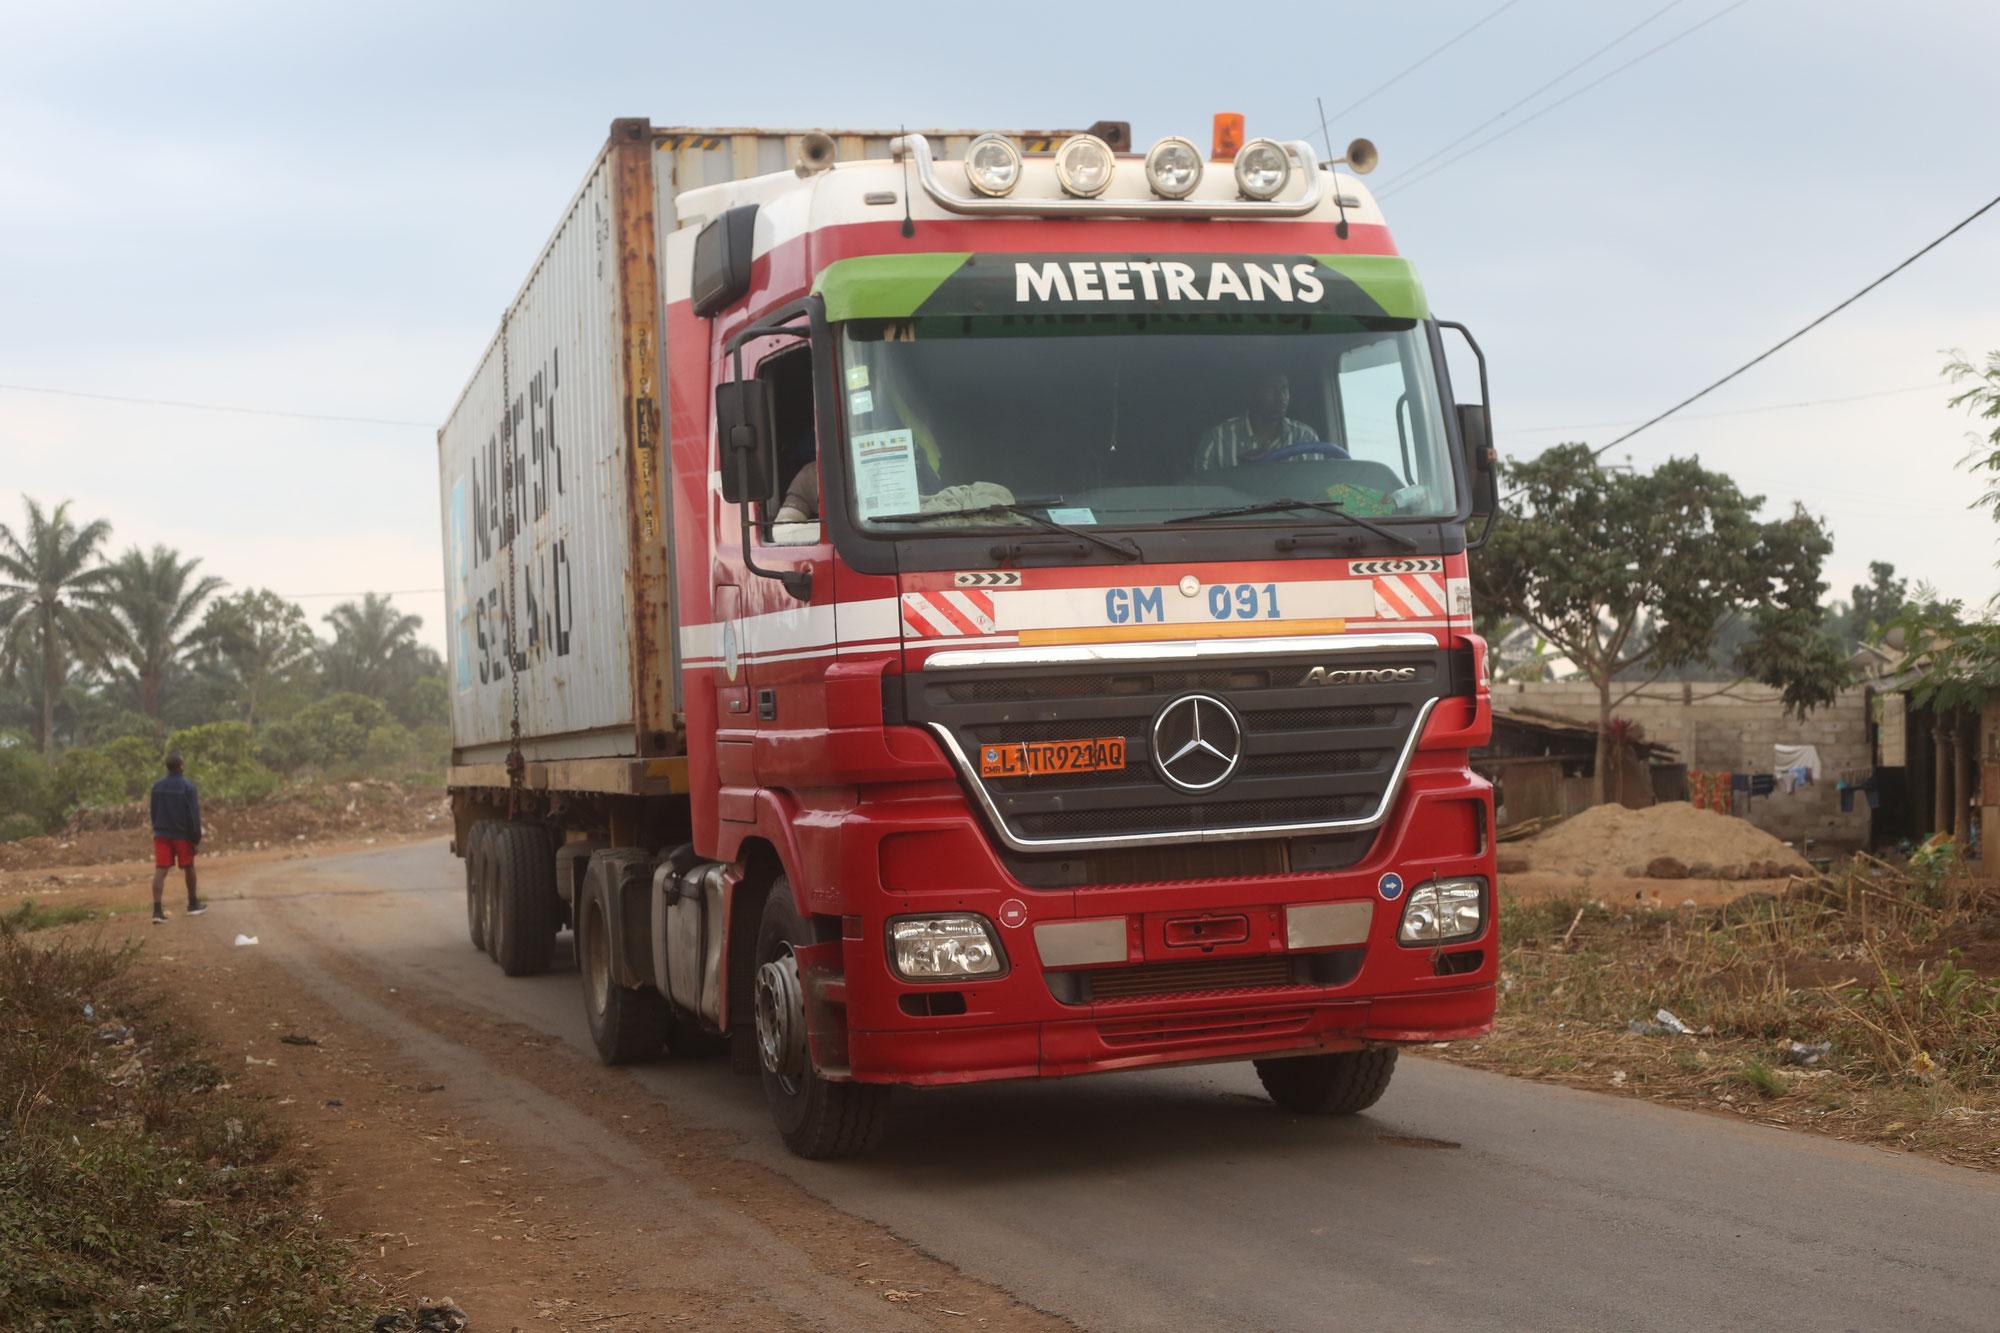 Hilfstransport für Krankenhaus erreicht Kamerun